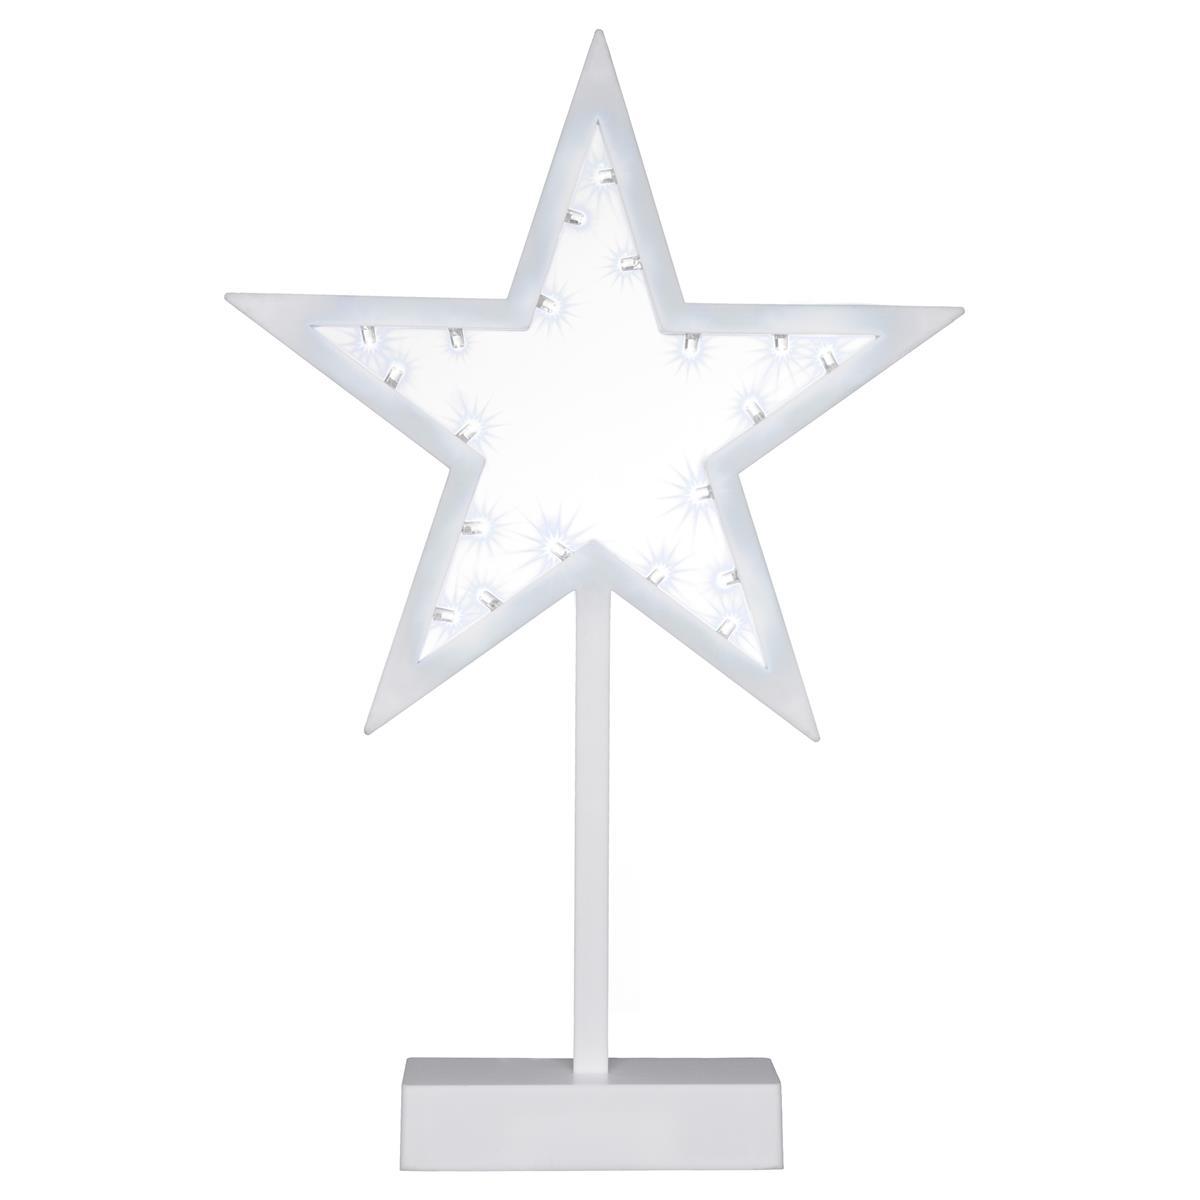 20 LED Dekoleuchte Stern weiß Weihnachtsstern Lichterstern Dekostern 38 cm Xmas